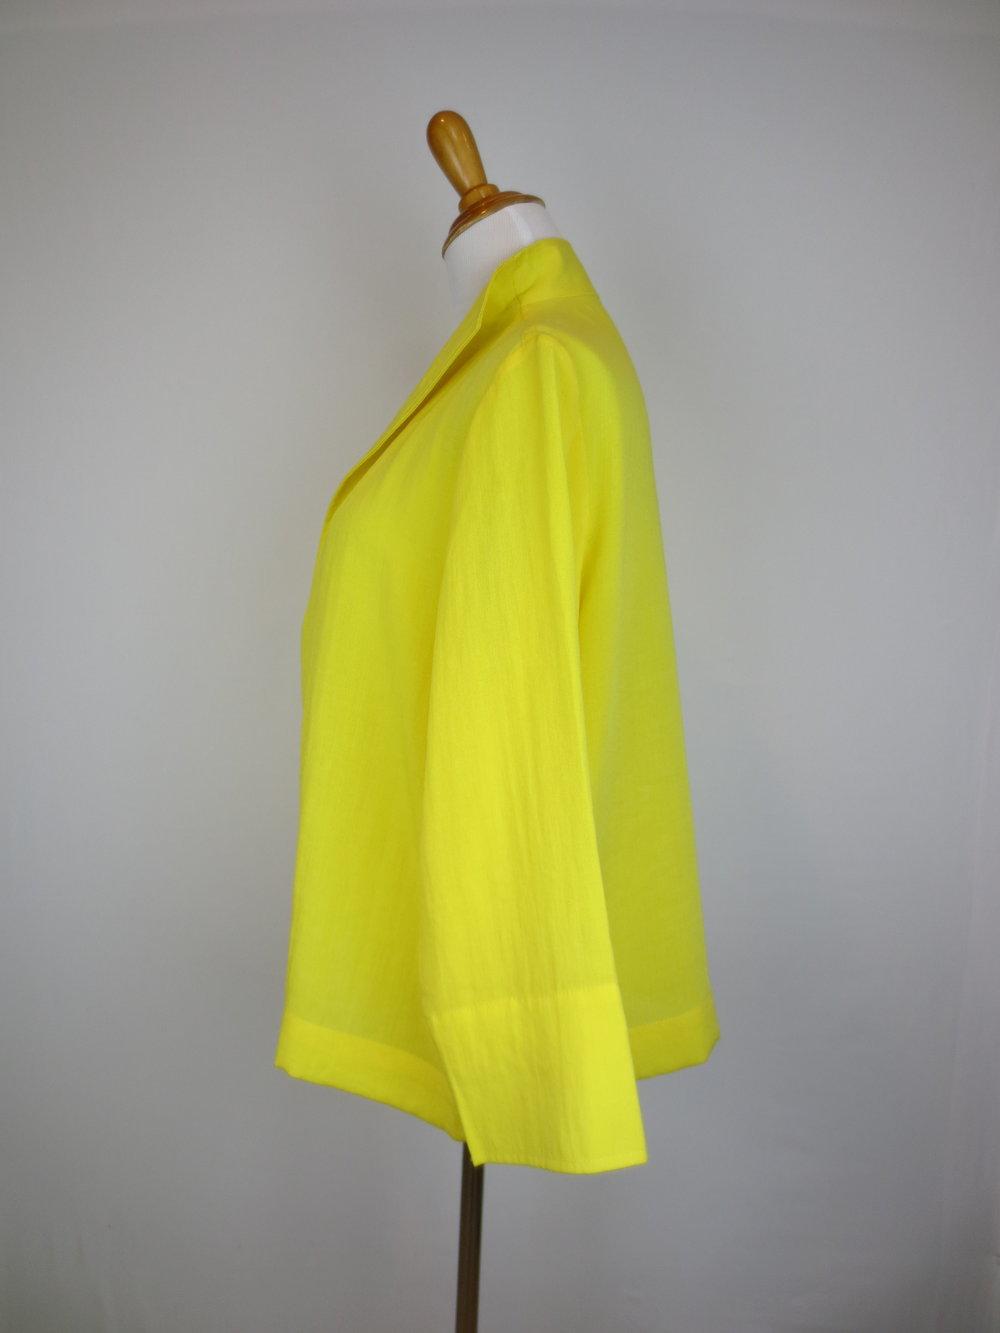 AA198 - Daffodil (2).JPG